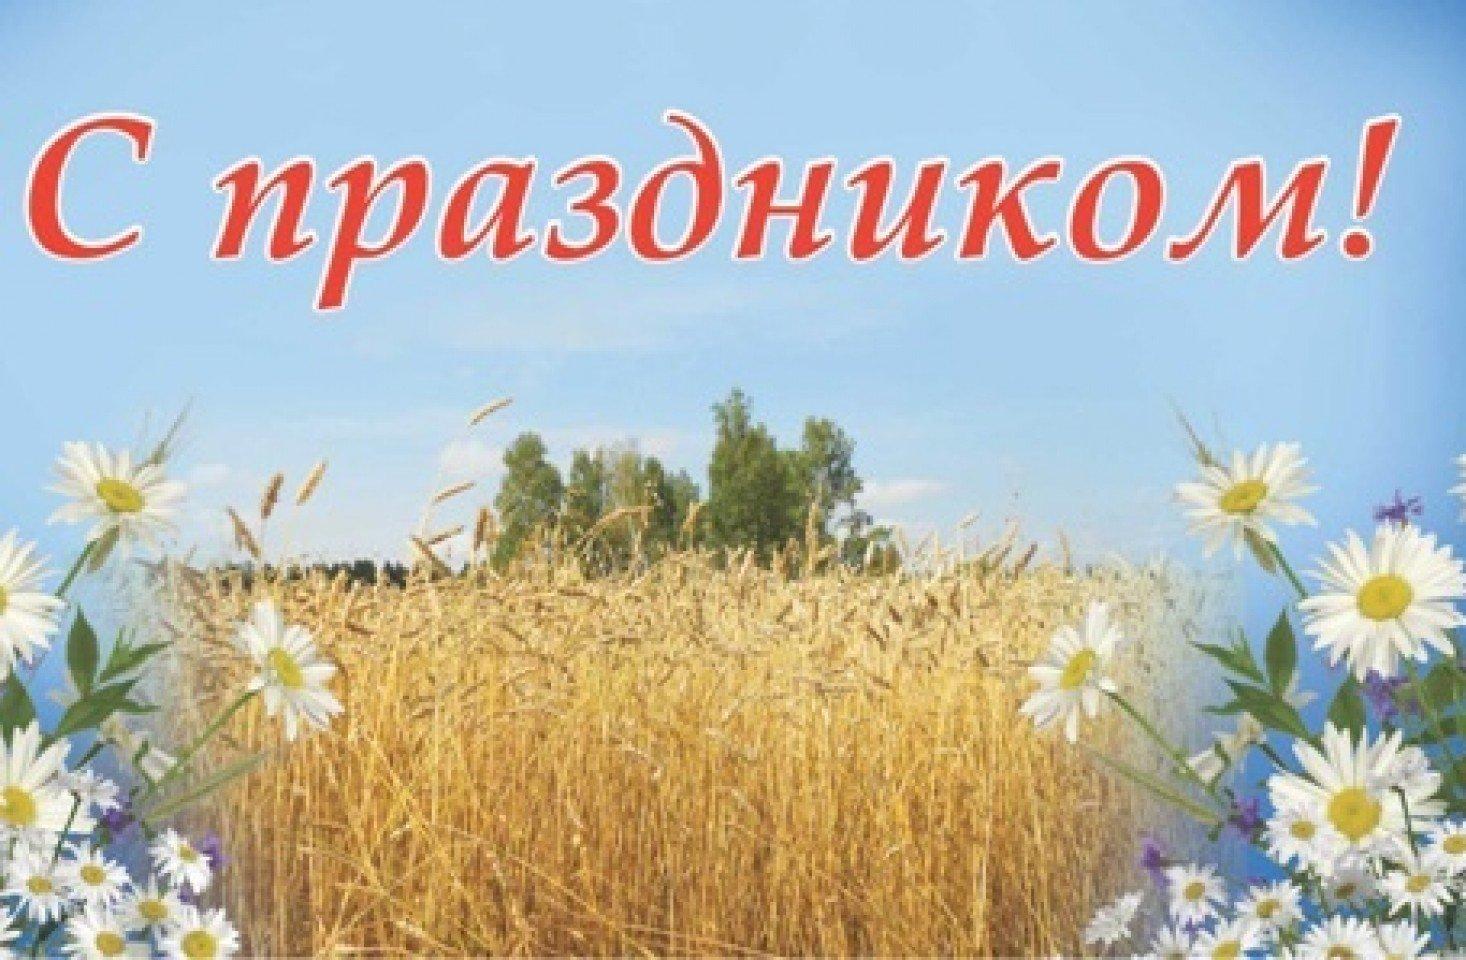 Музыкальное поздравление на день села